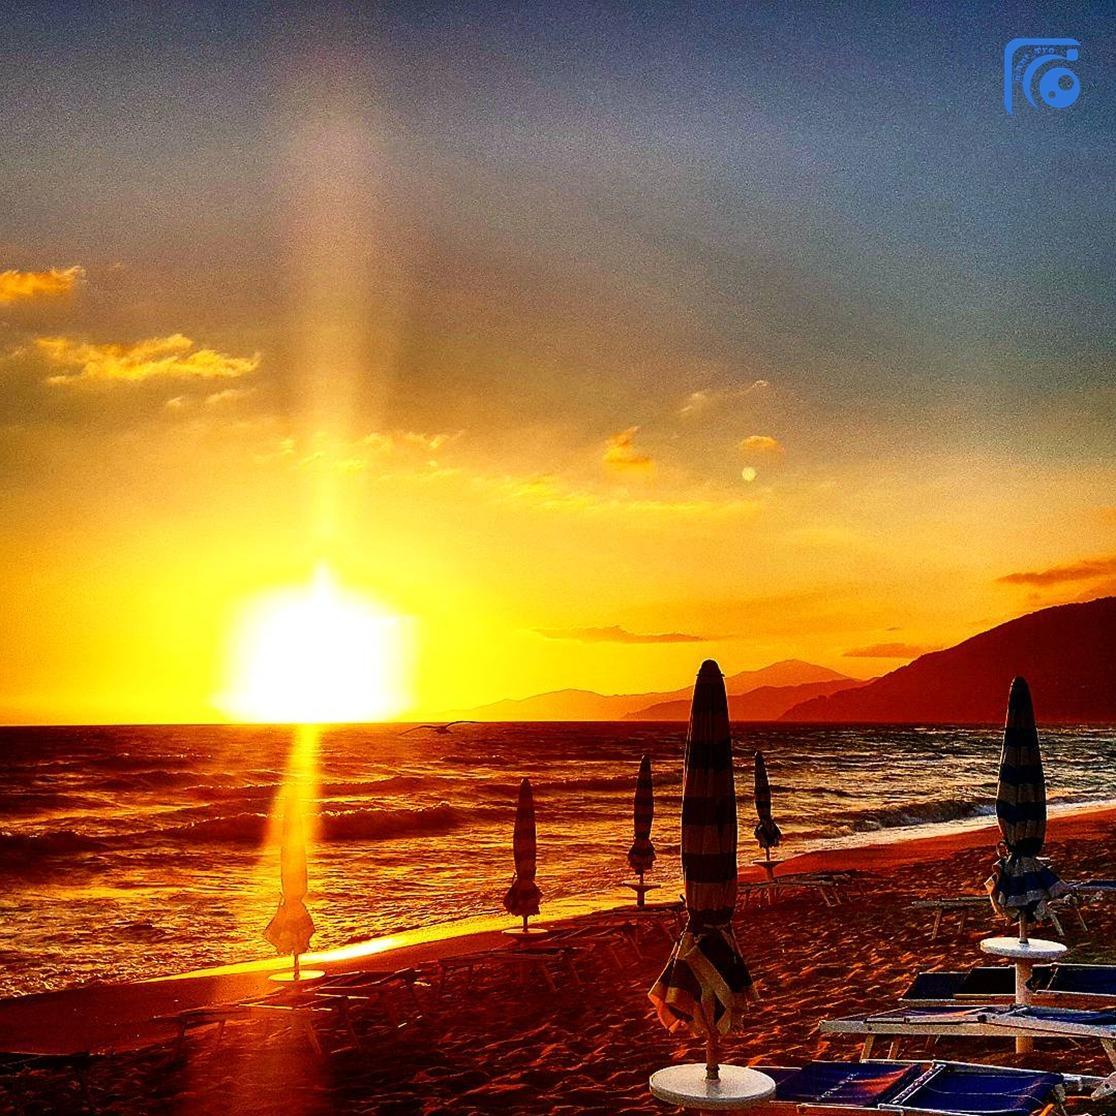 Settore balneare e turismo nel CIlento: riapriranno?